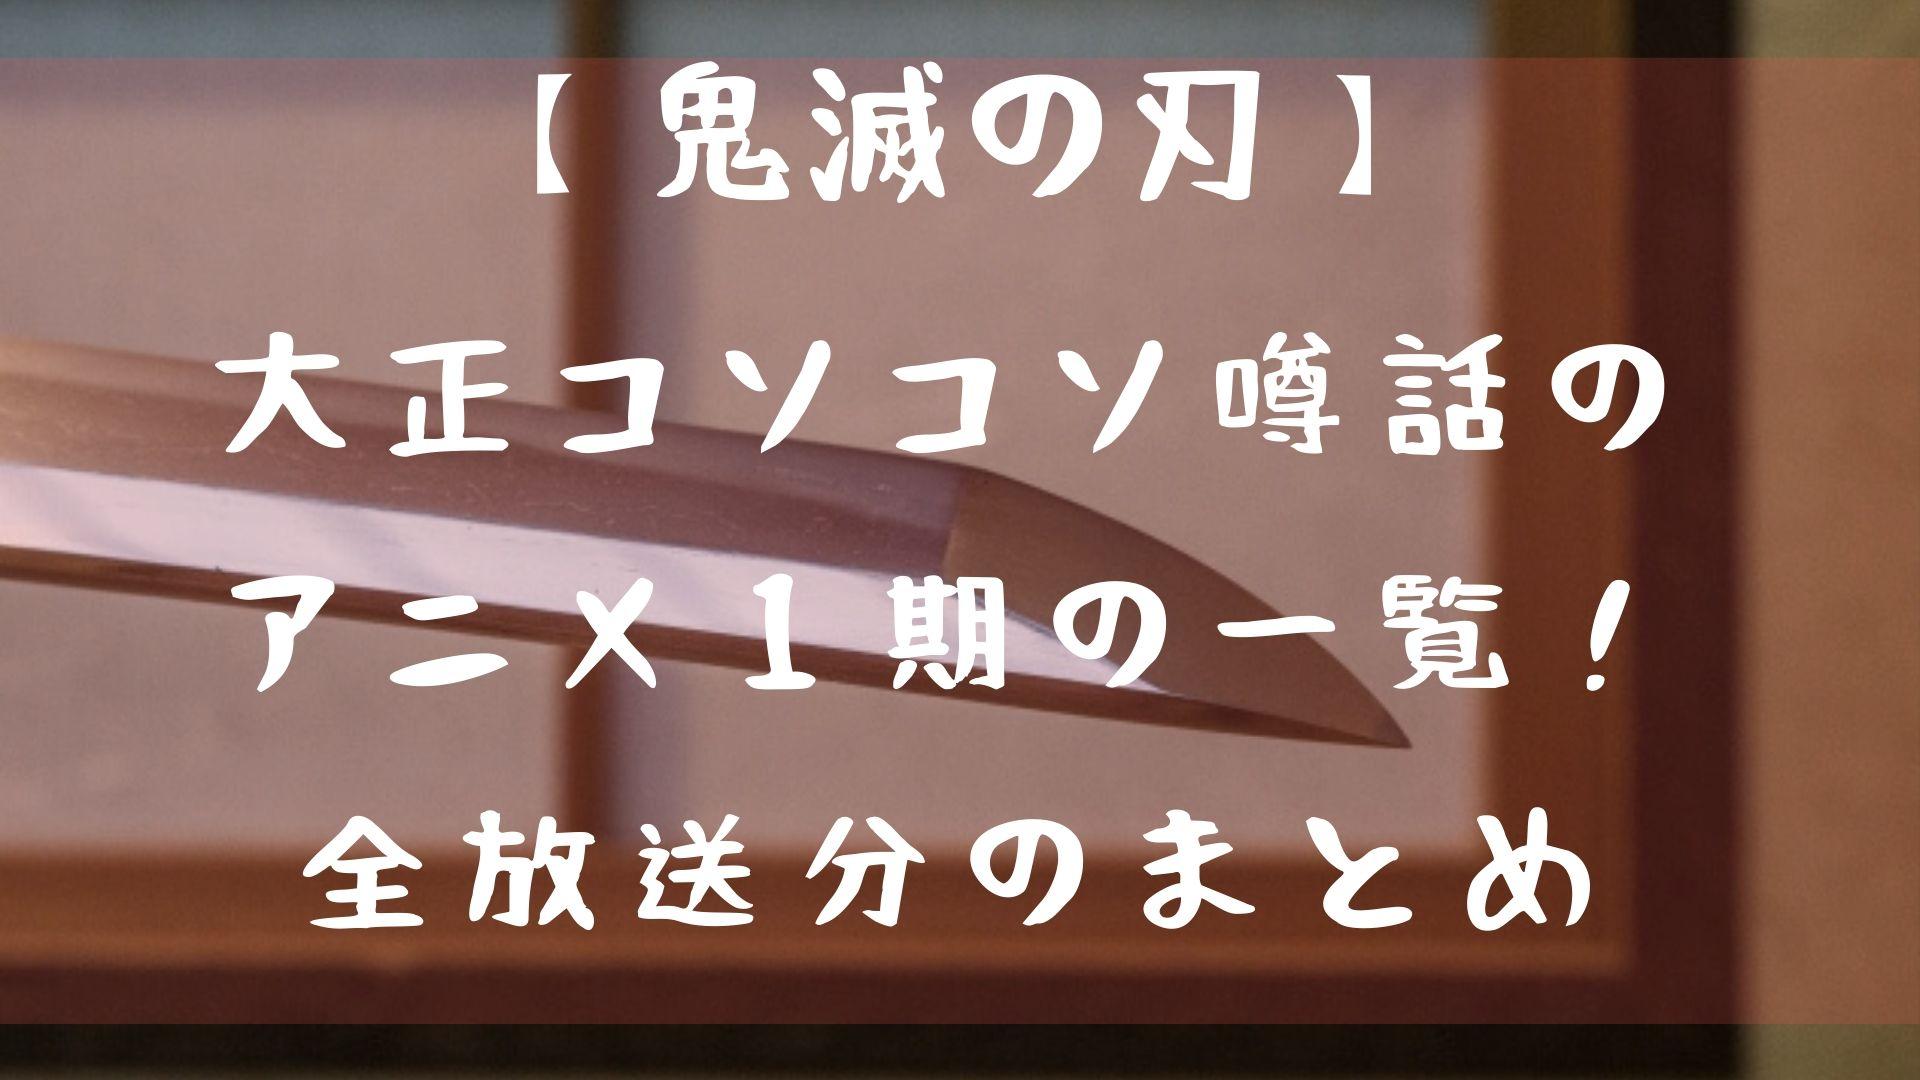 「鬼滅の刃」大正コソコソ噂話の一覧!アニメ1期全放送分のまとめ!